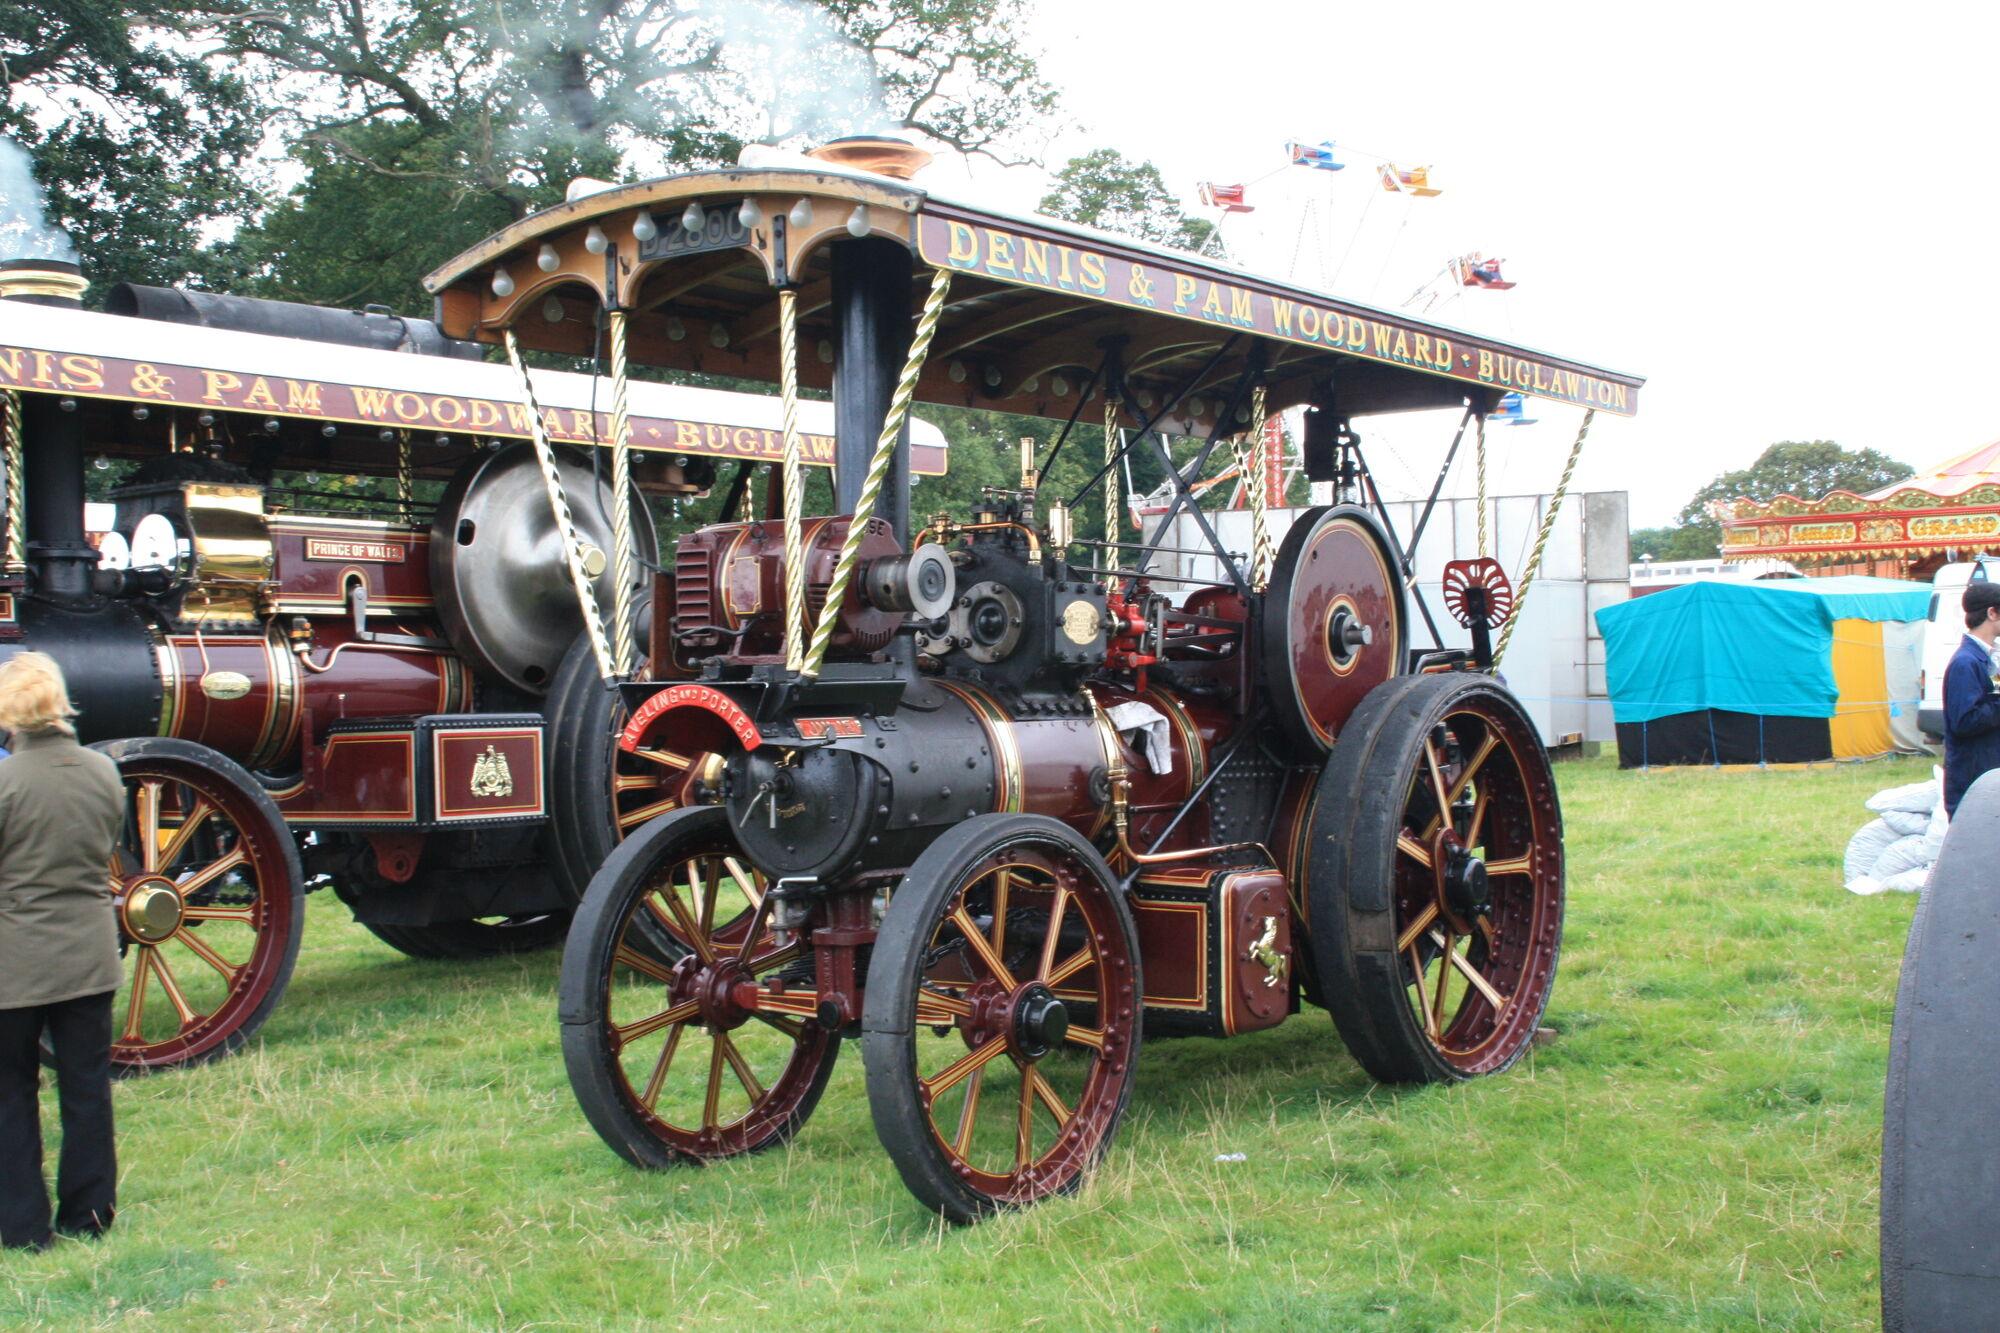 Shrewsbury steam rally tractor construction plant wiki fandom powered by wikia - Porter international wiki ...